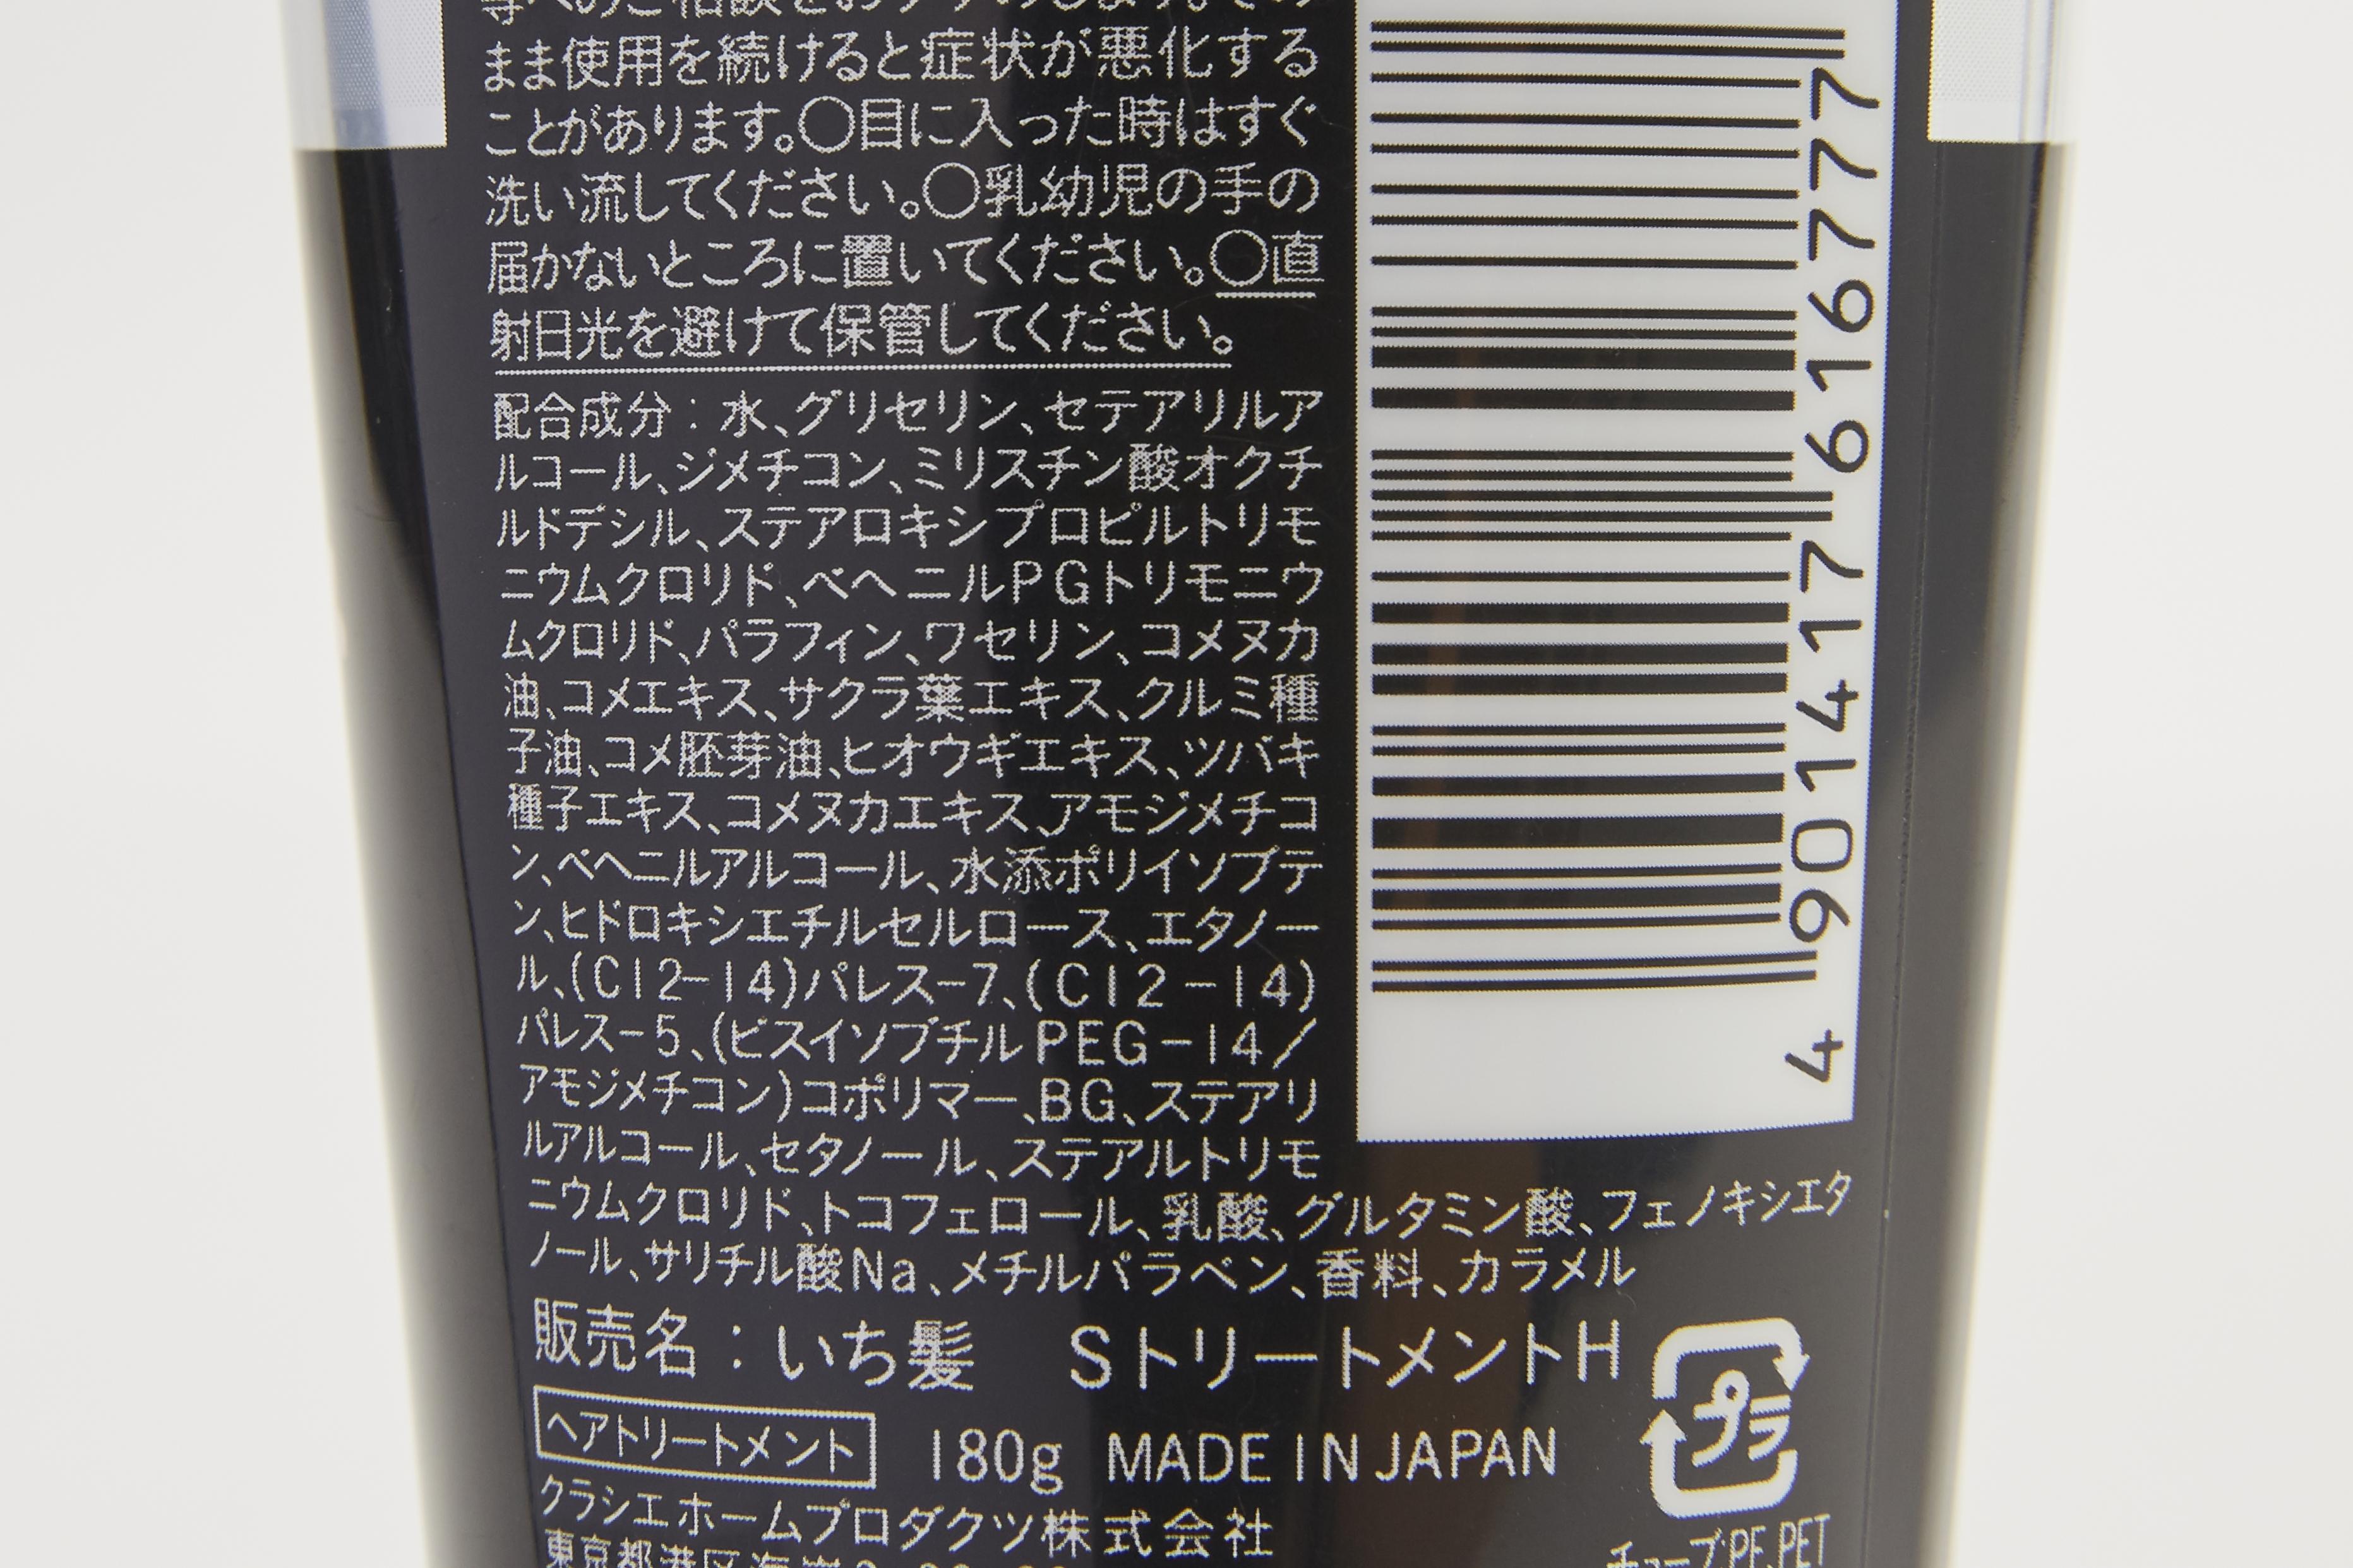 いち髪(ICHIKAMI) なめらかスムースケア トリートメントの商品画像3